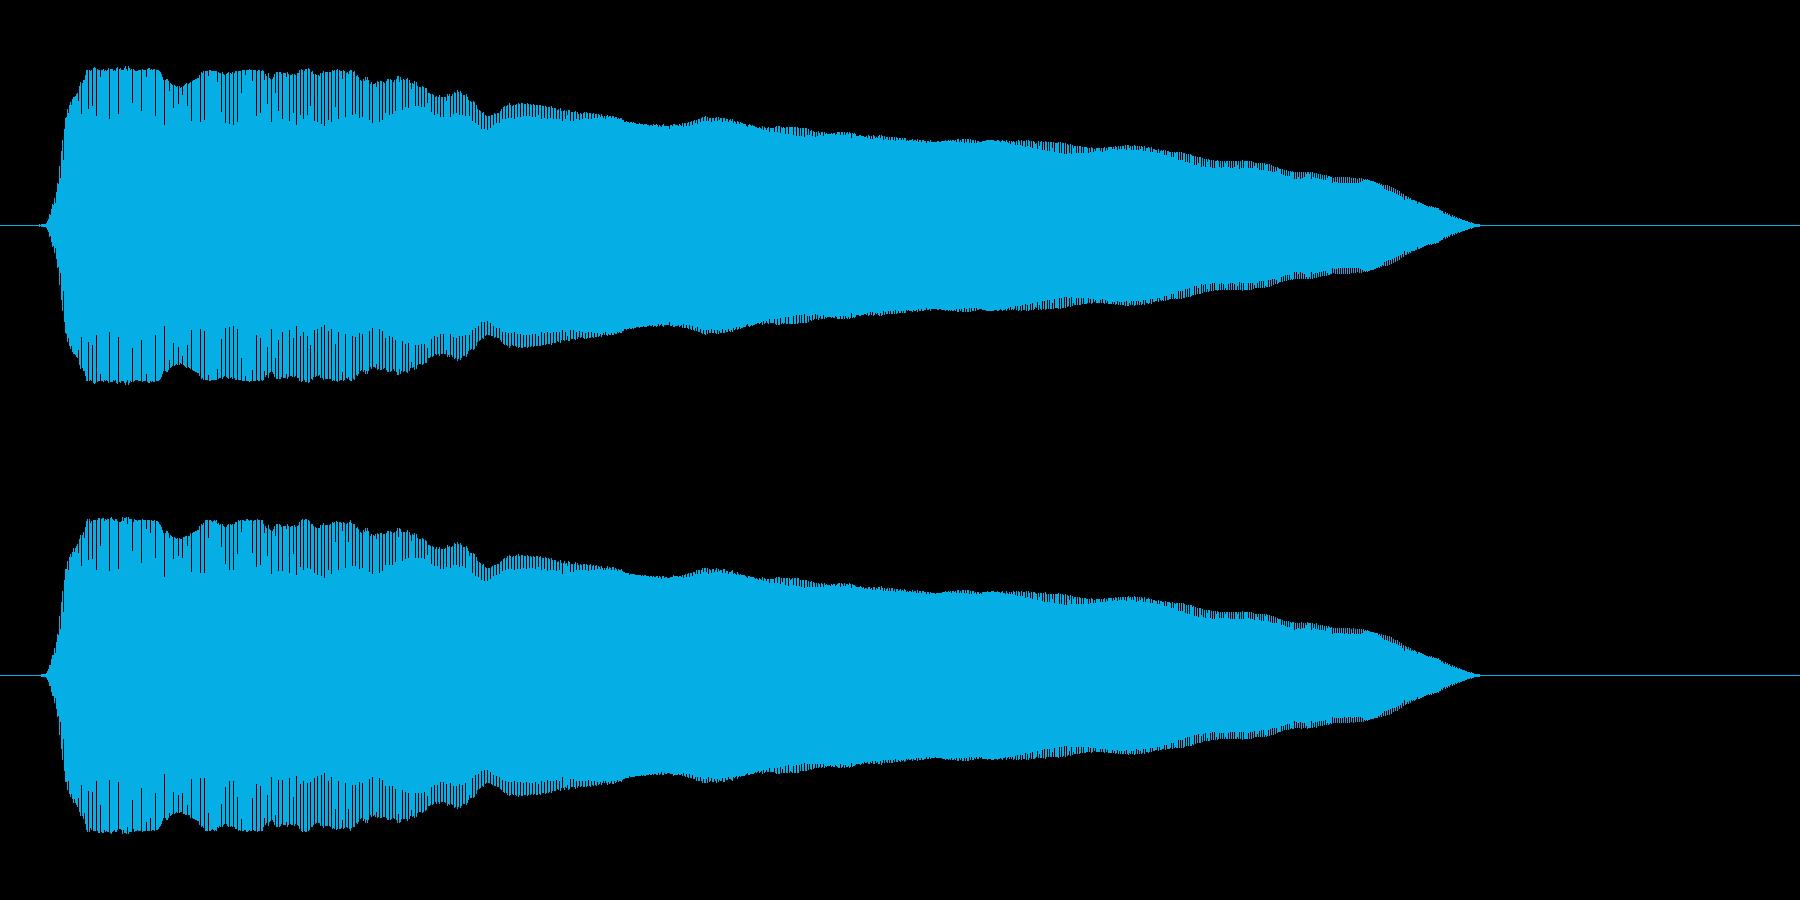 フゥー!の再生済みの波形